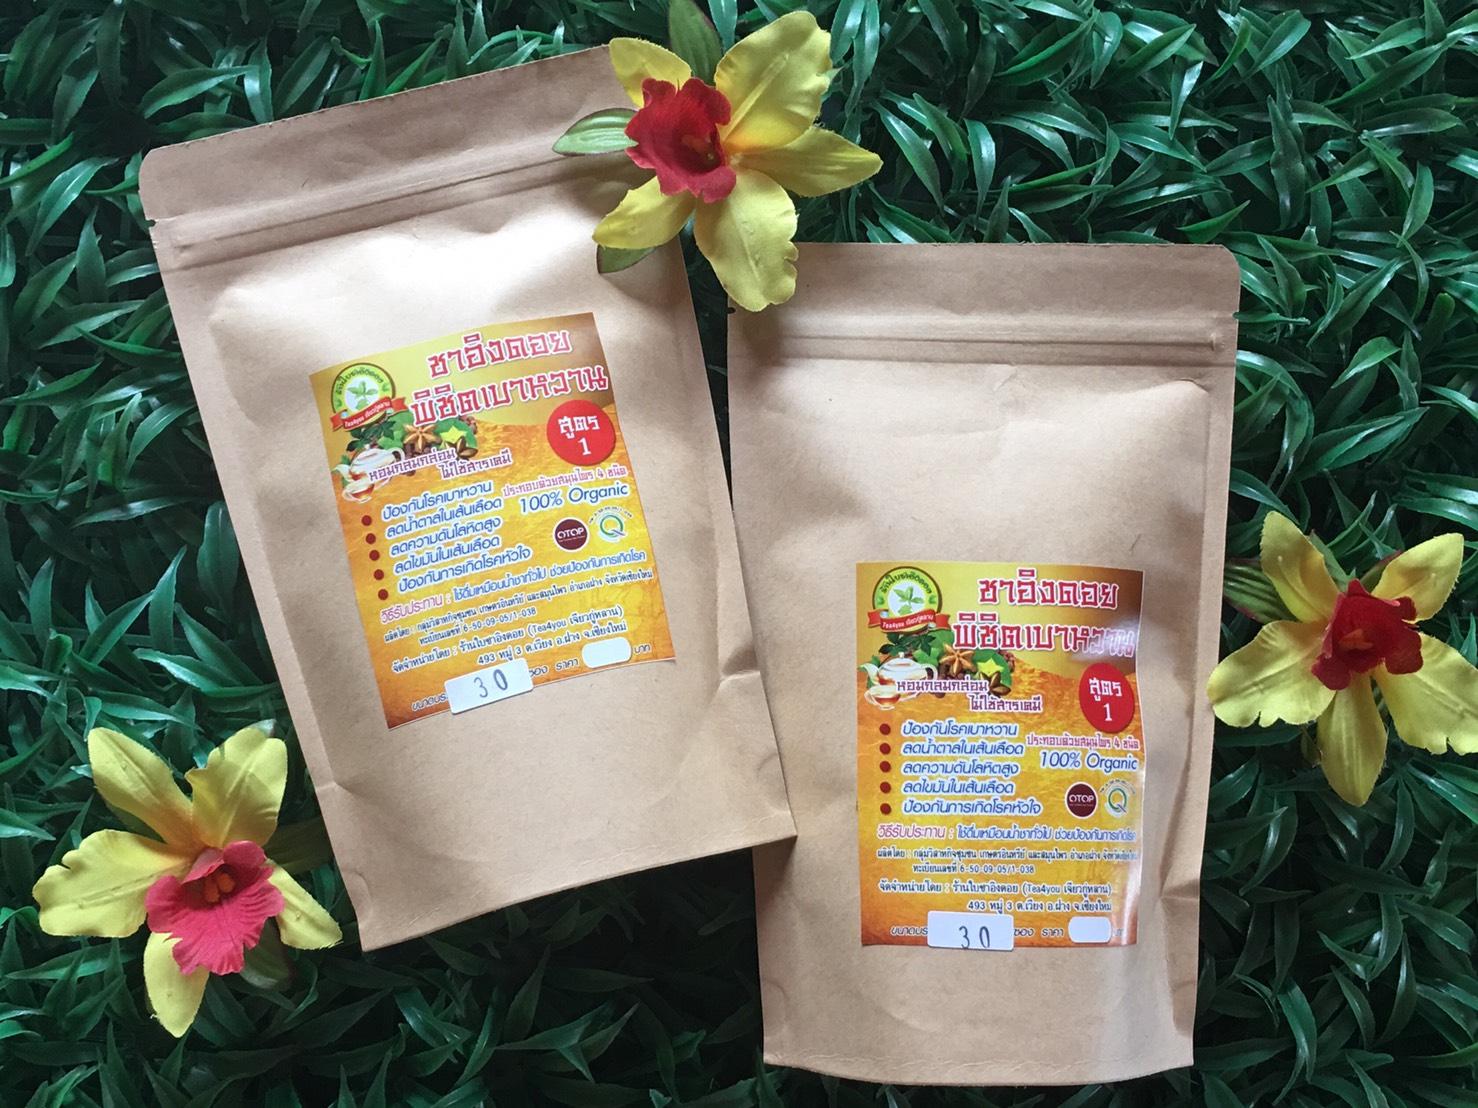 ชาอิงดอย สูตร 1 ชาสมุนไพร สำหรับผู้ป่วยเบาหวาน ขนาดบรรจุ 30 ซองชา